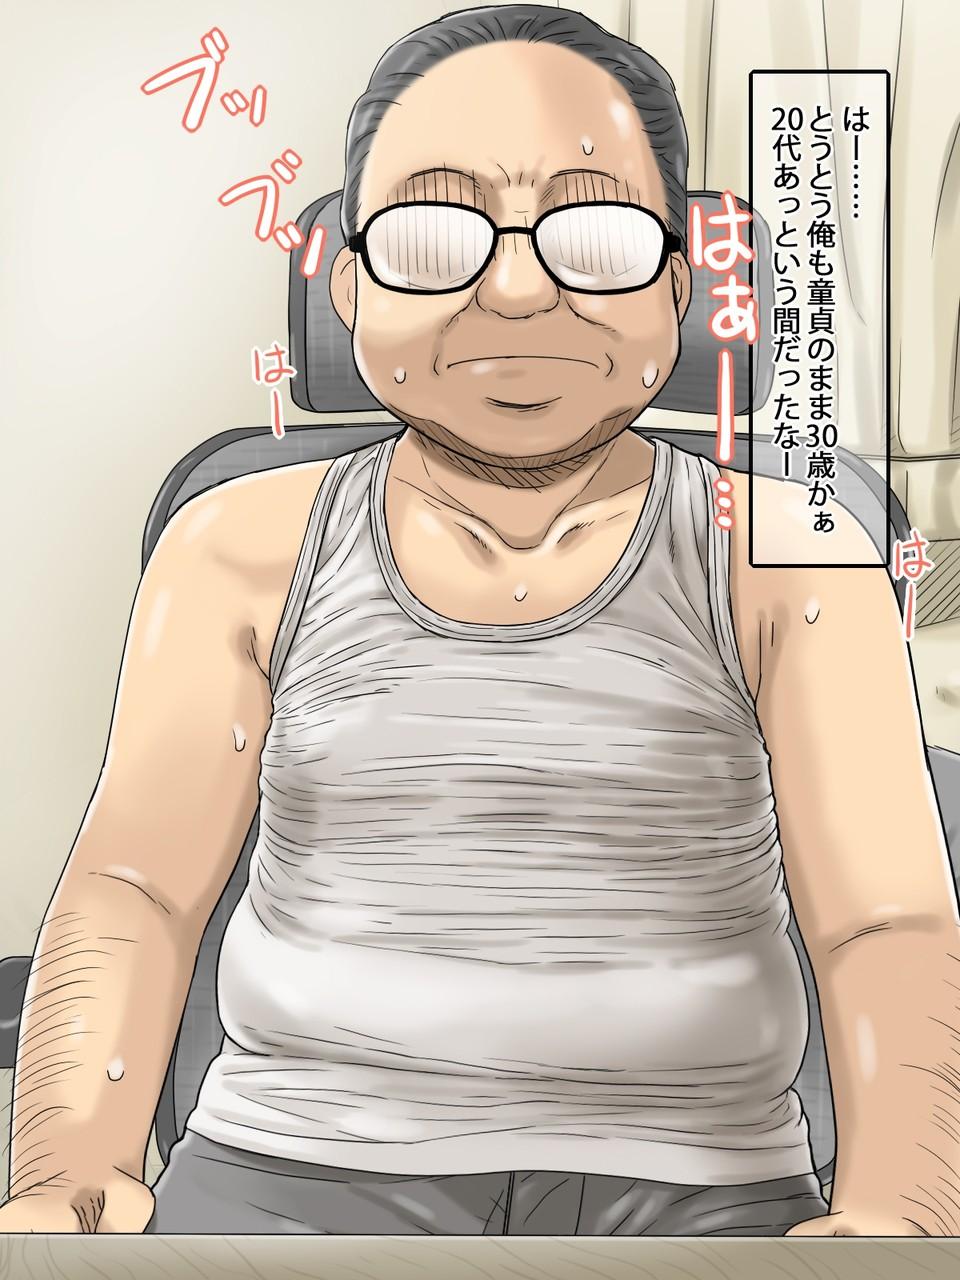 【中年チ○ポらめぇっ】キモ男達による汚チンポレイプな二次エロ画像!!!